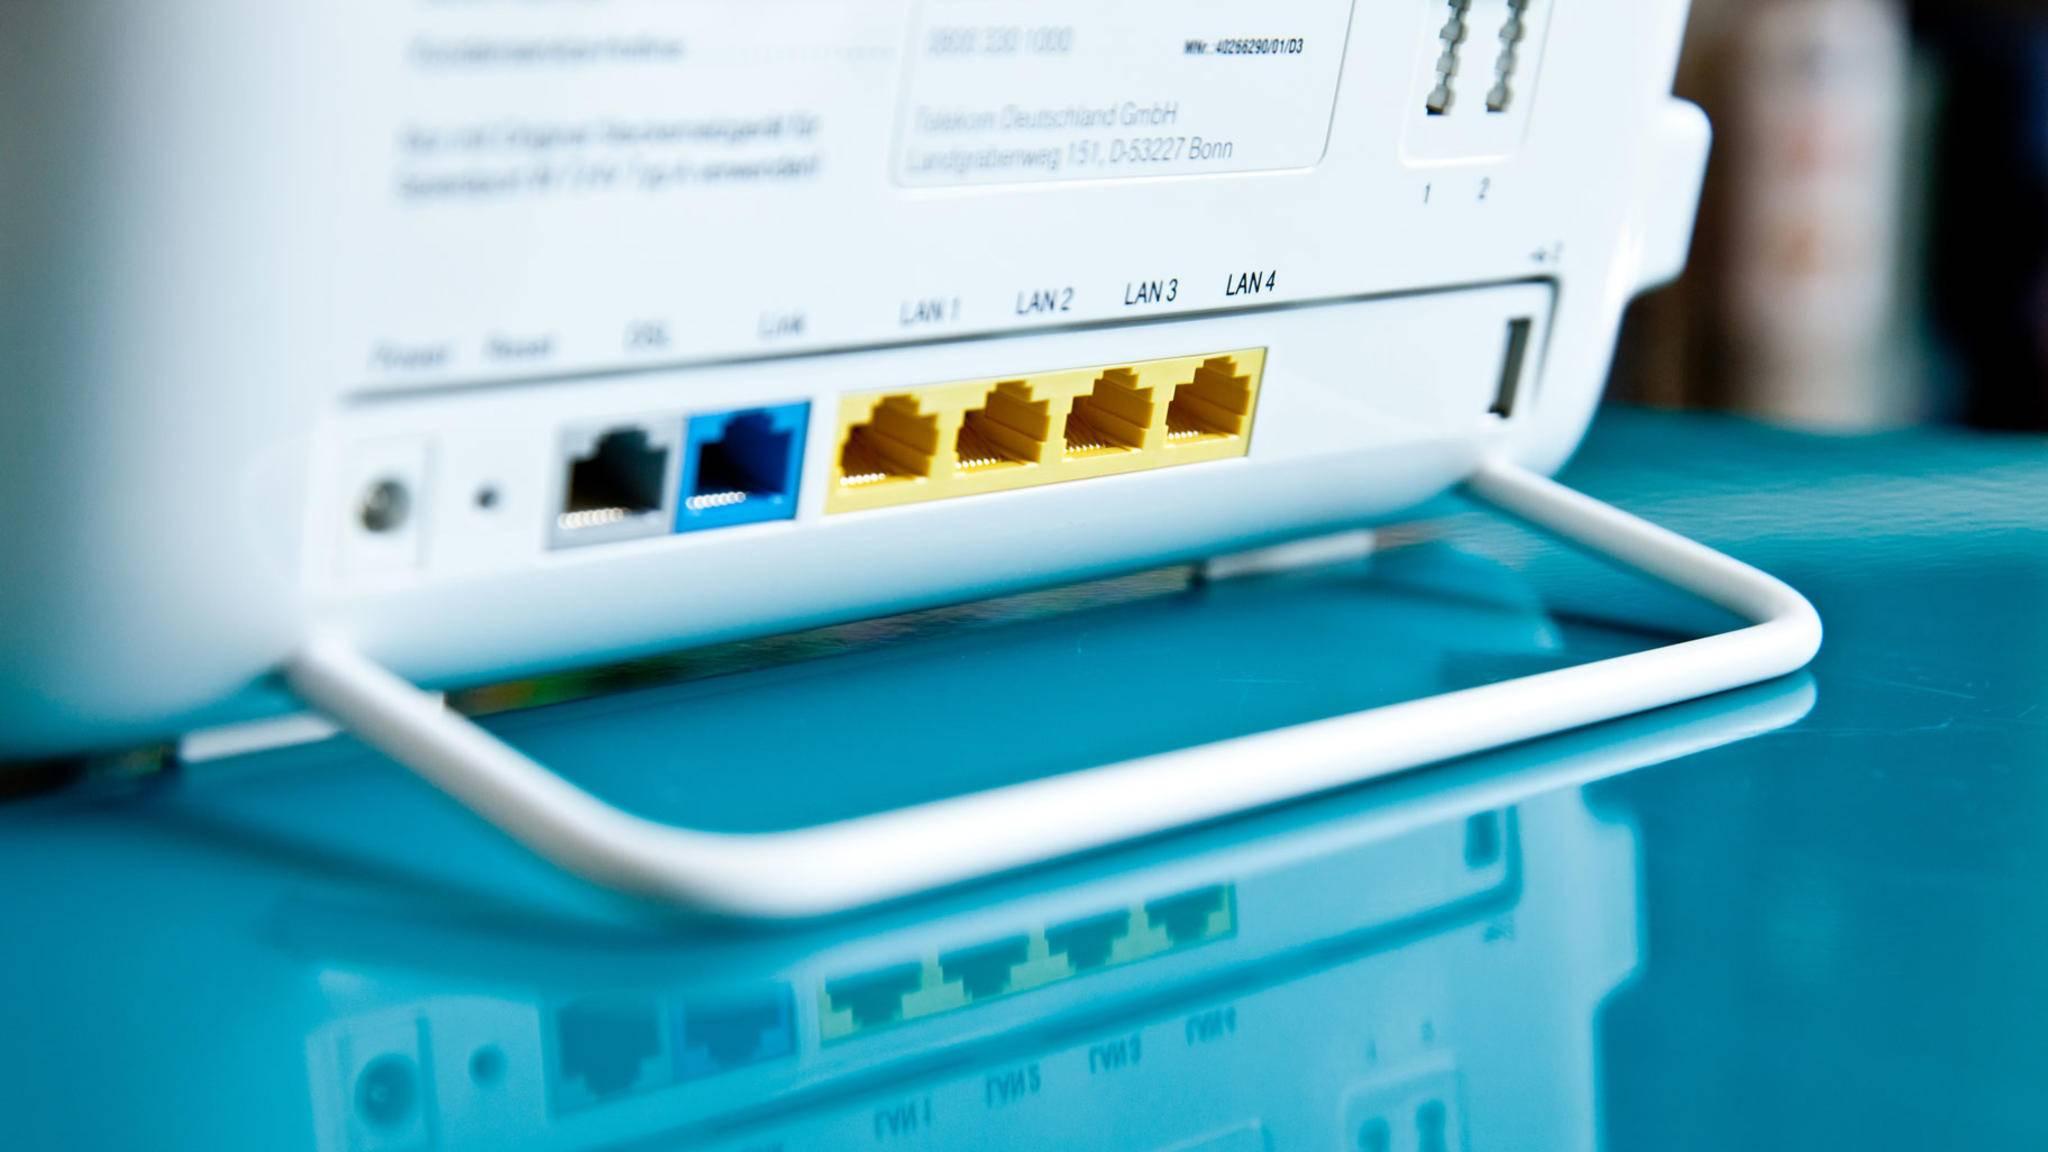 Nach dem großen Cyber-Angriff benötigt Dein Speedport-Router womöglich ein Software-Update.